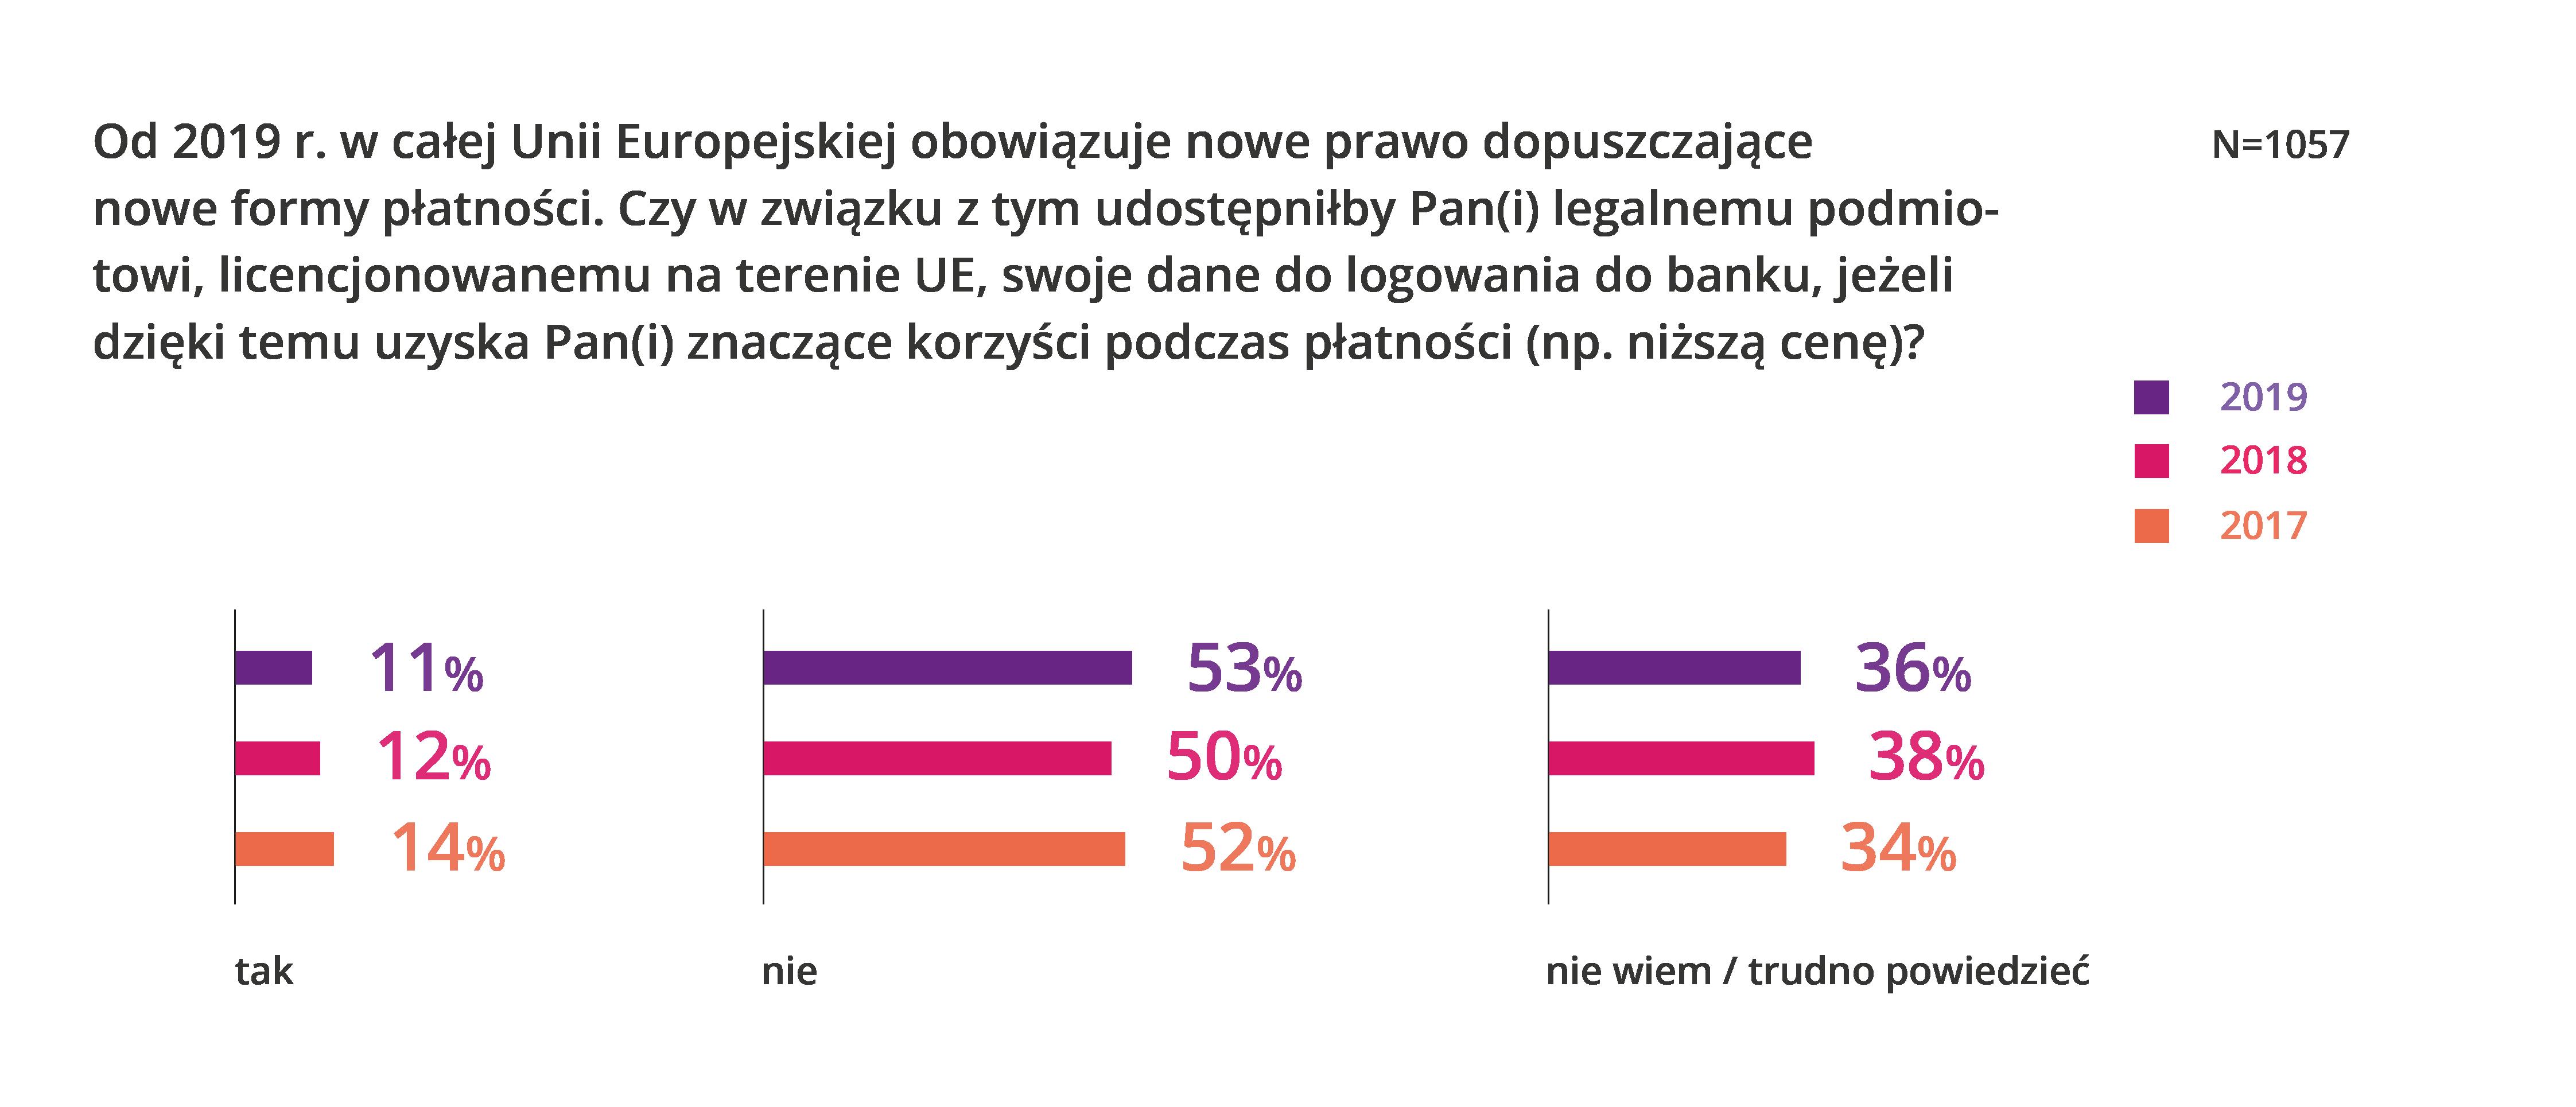 Polacy nie są gotowi udostępniać swoich danych. Ale i tak je udostępniają 4